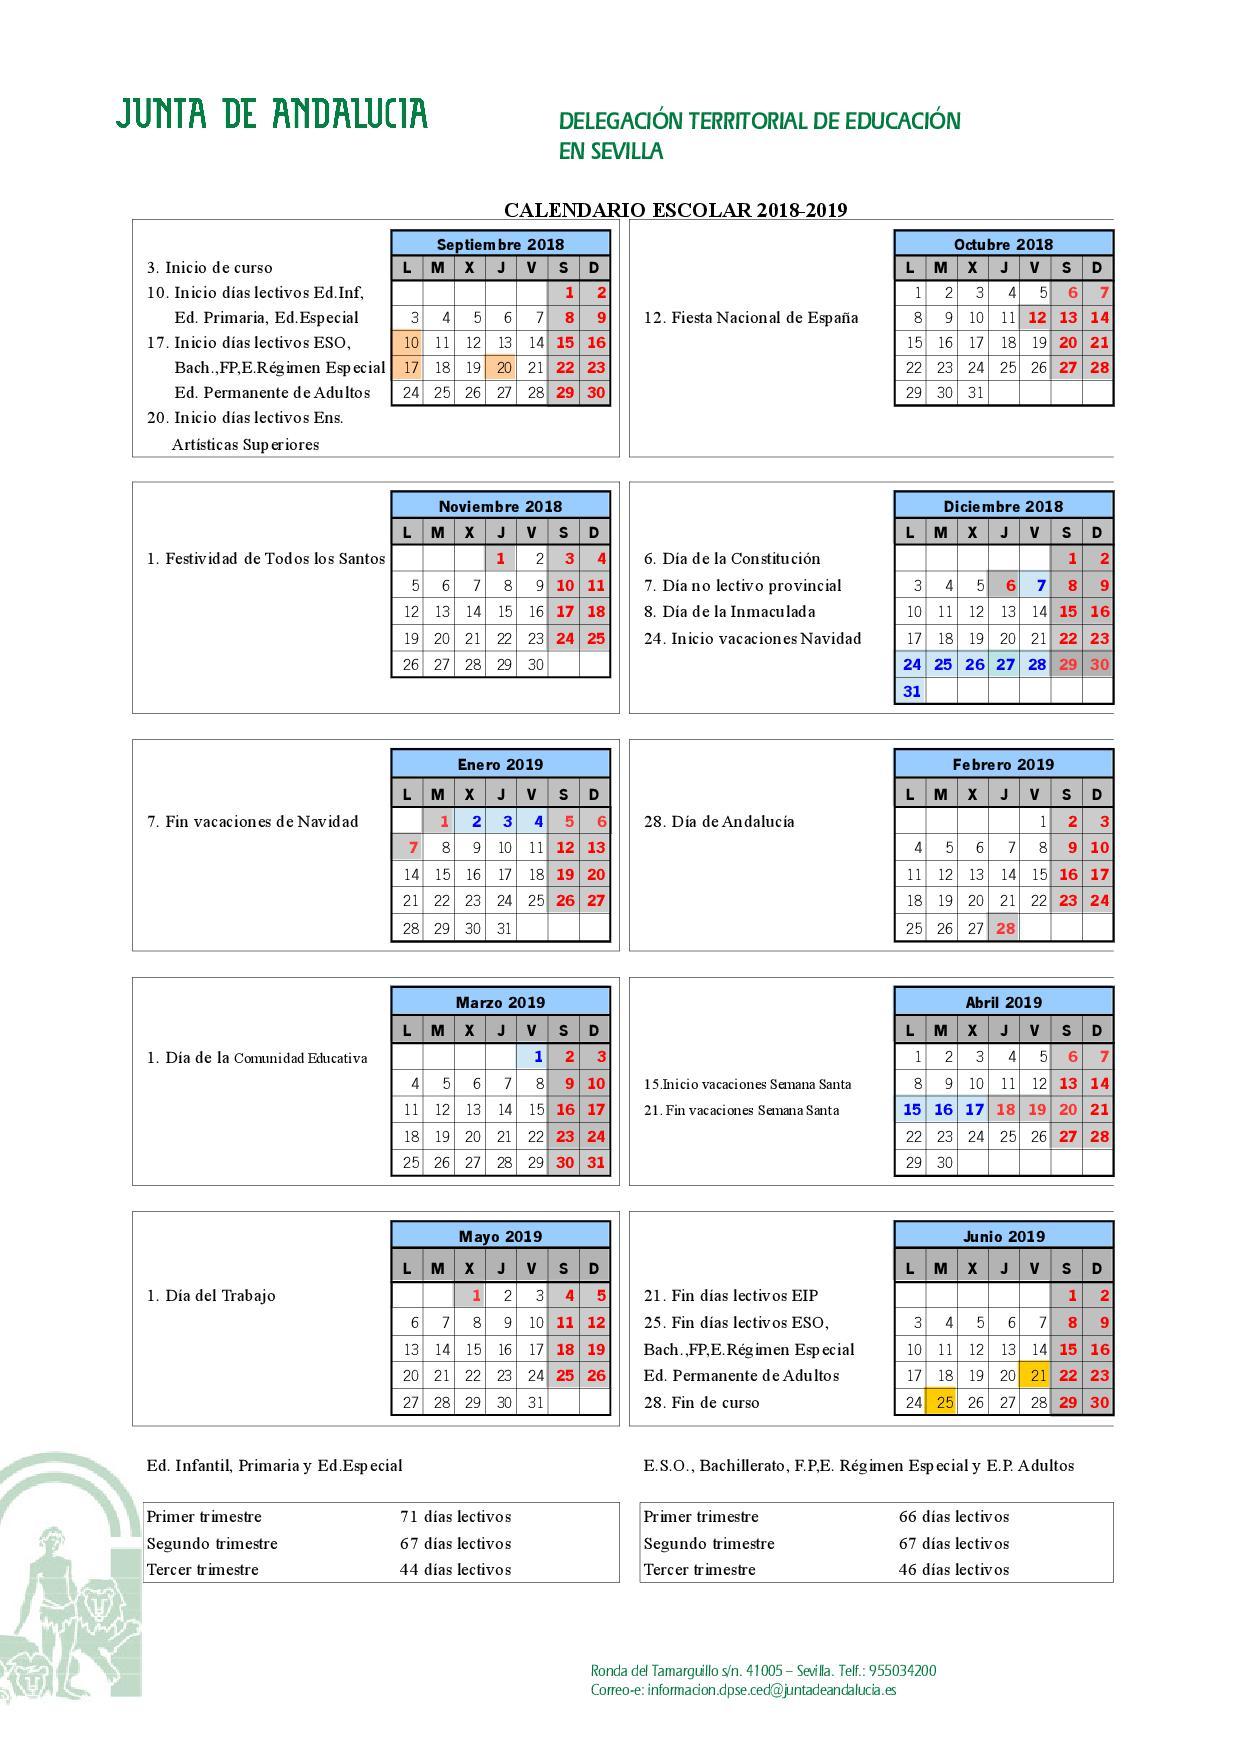 Calendario Escolar Infantil Primaria